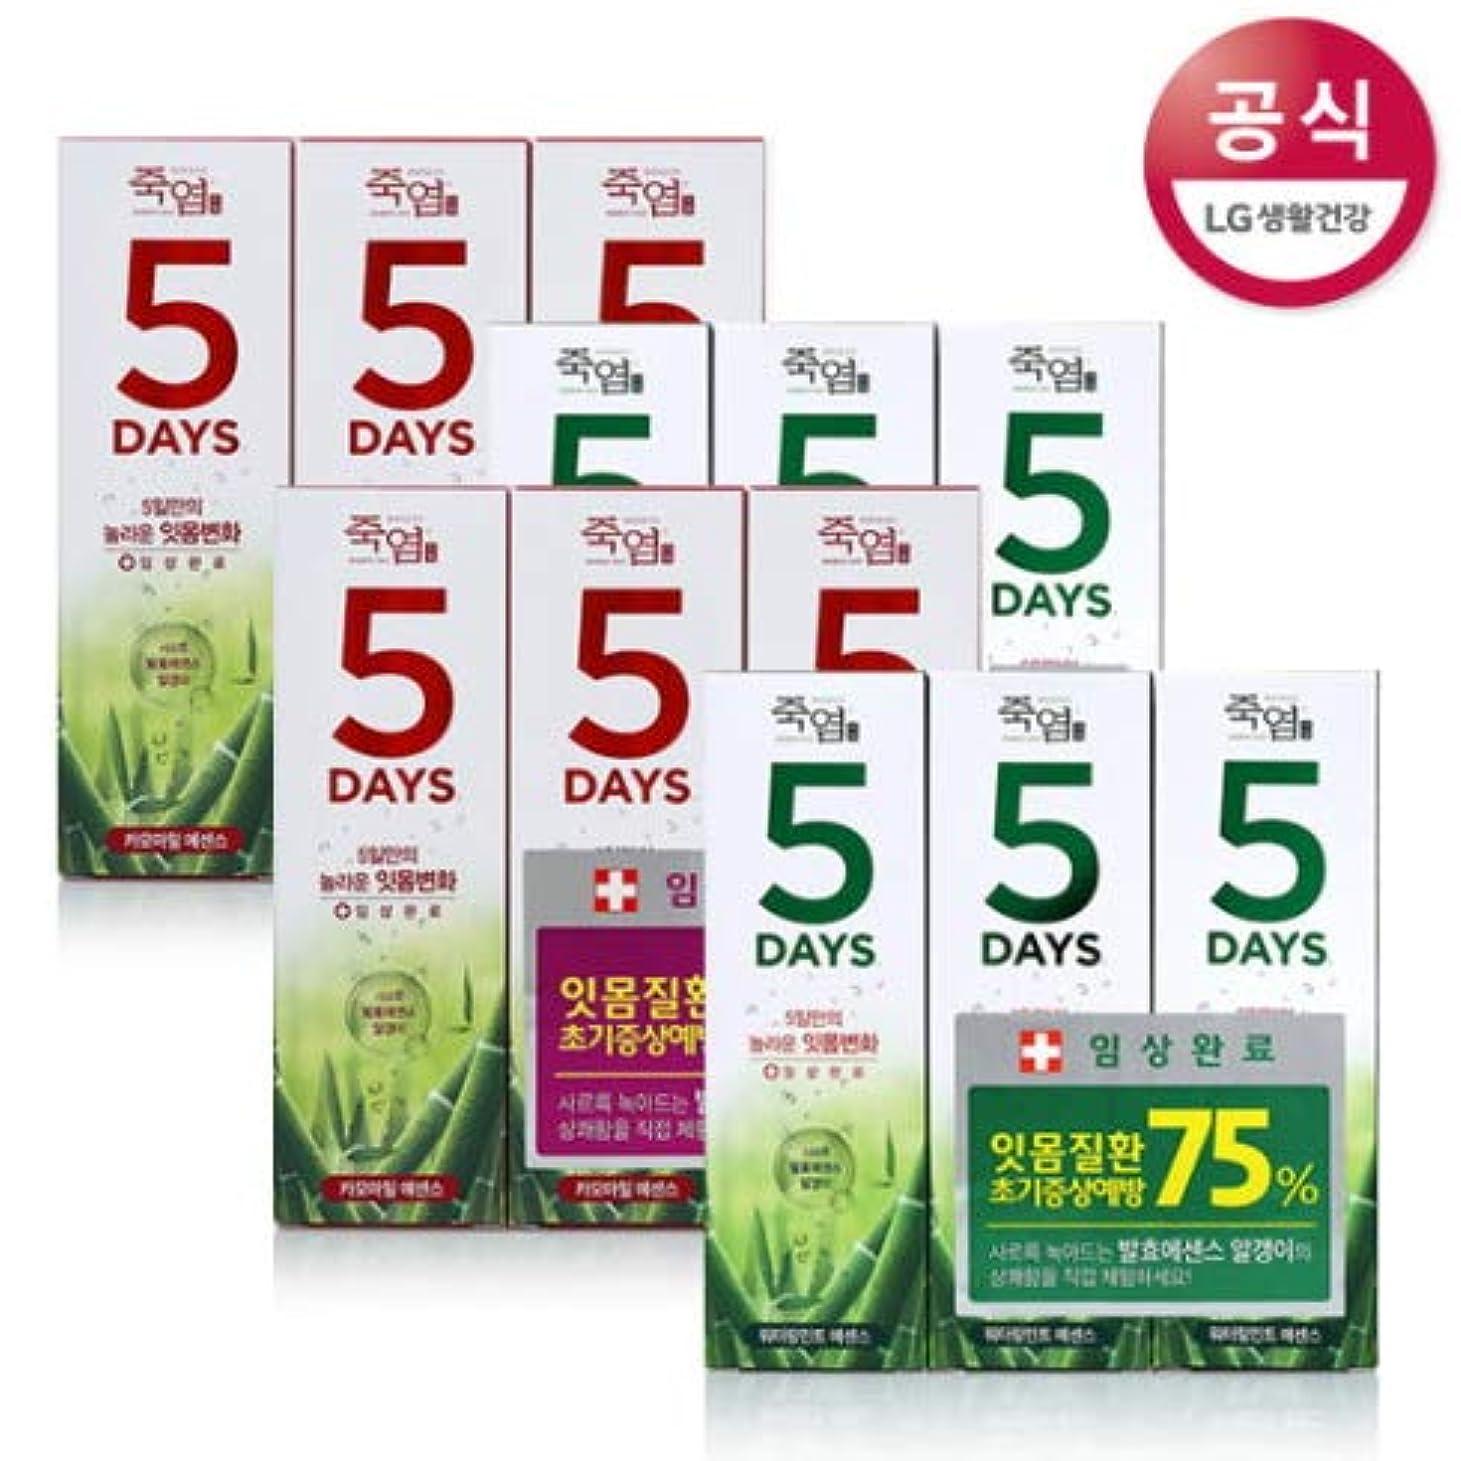 一掃するアンケートコーナー[LG HnB] Bamboo Salt 5days Toothpaste /竹塩5days歯磨き粉 100gx12個(海外直送品)